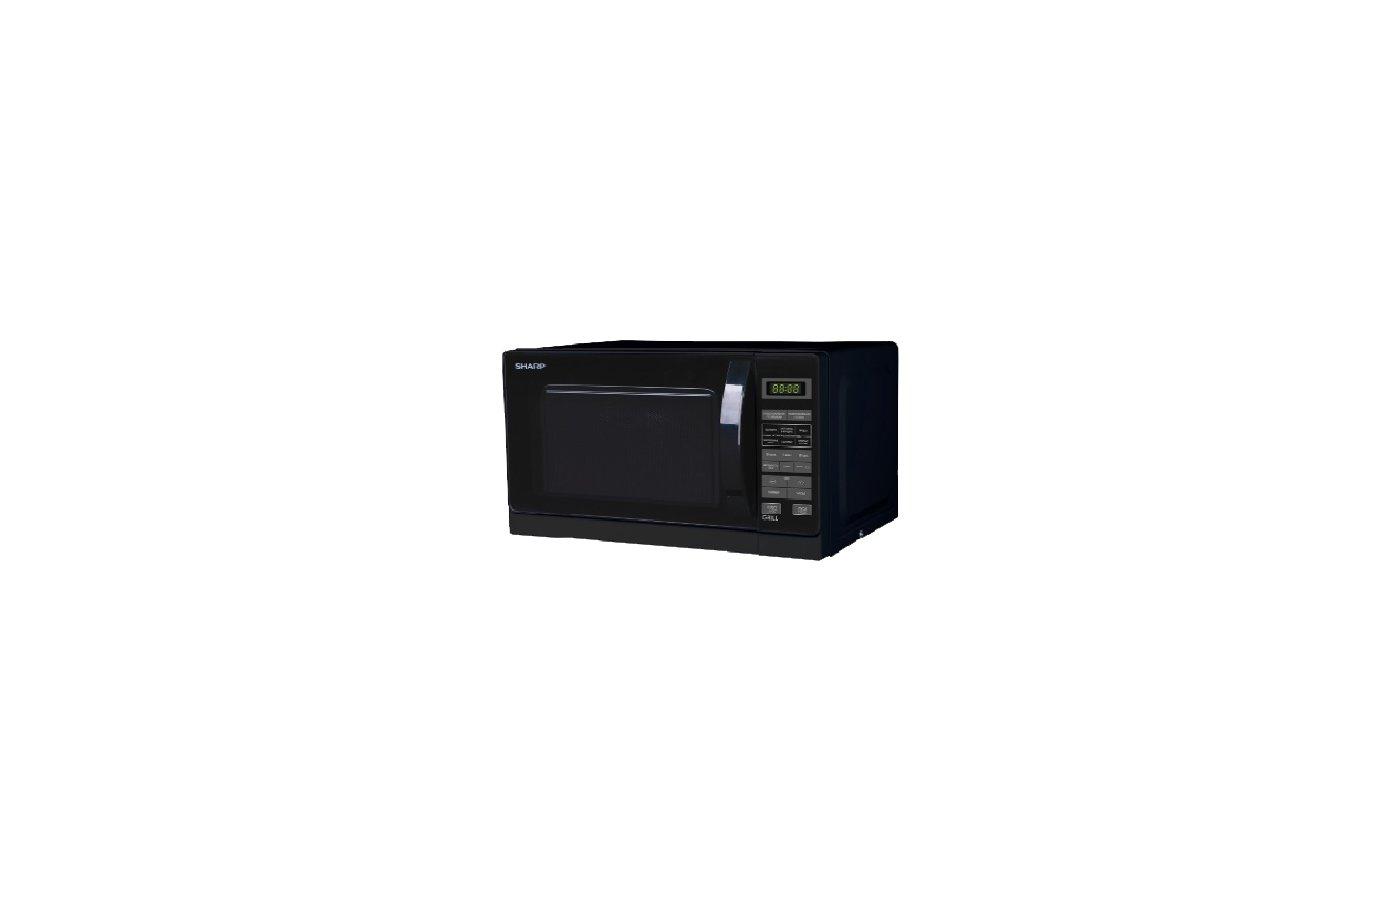 Микроволновая печь SHARP R6672RK